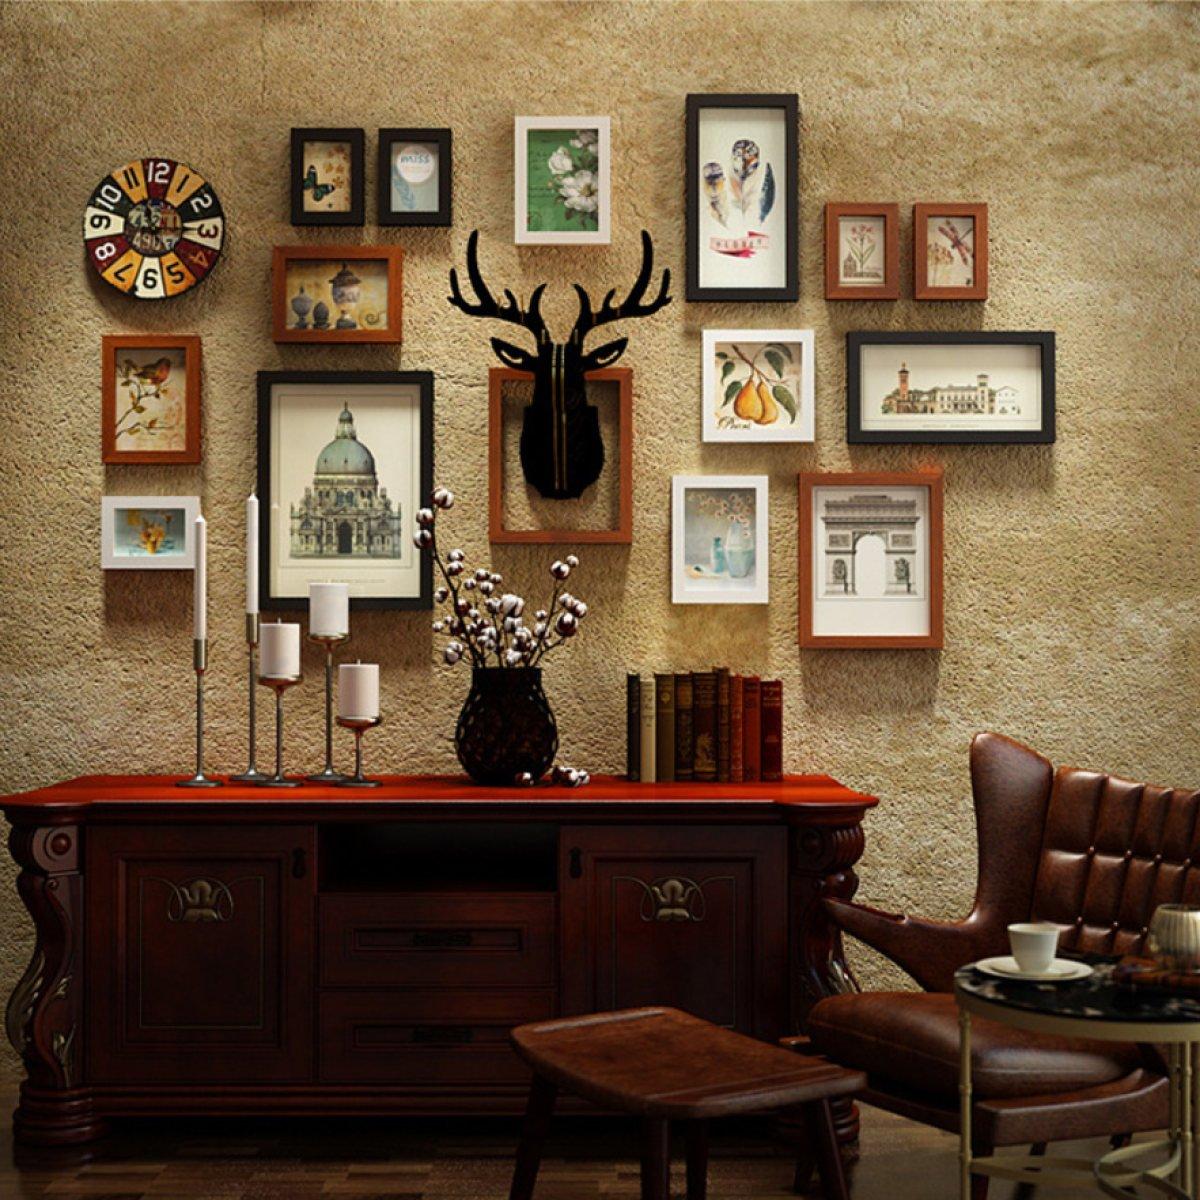 Amerikanischen Retro Foto Wandbehang Fotorahmen Wand Dekorative ...